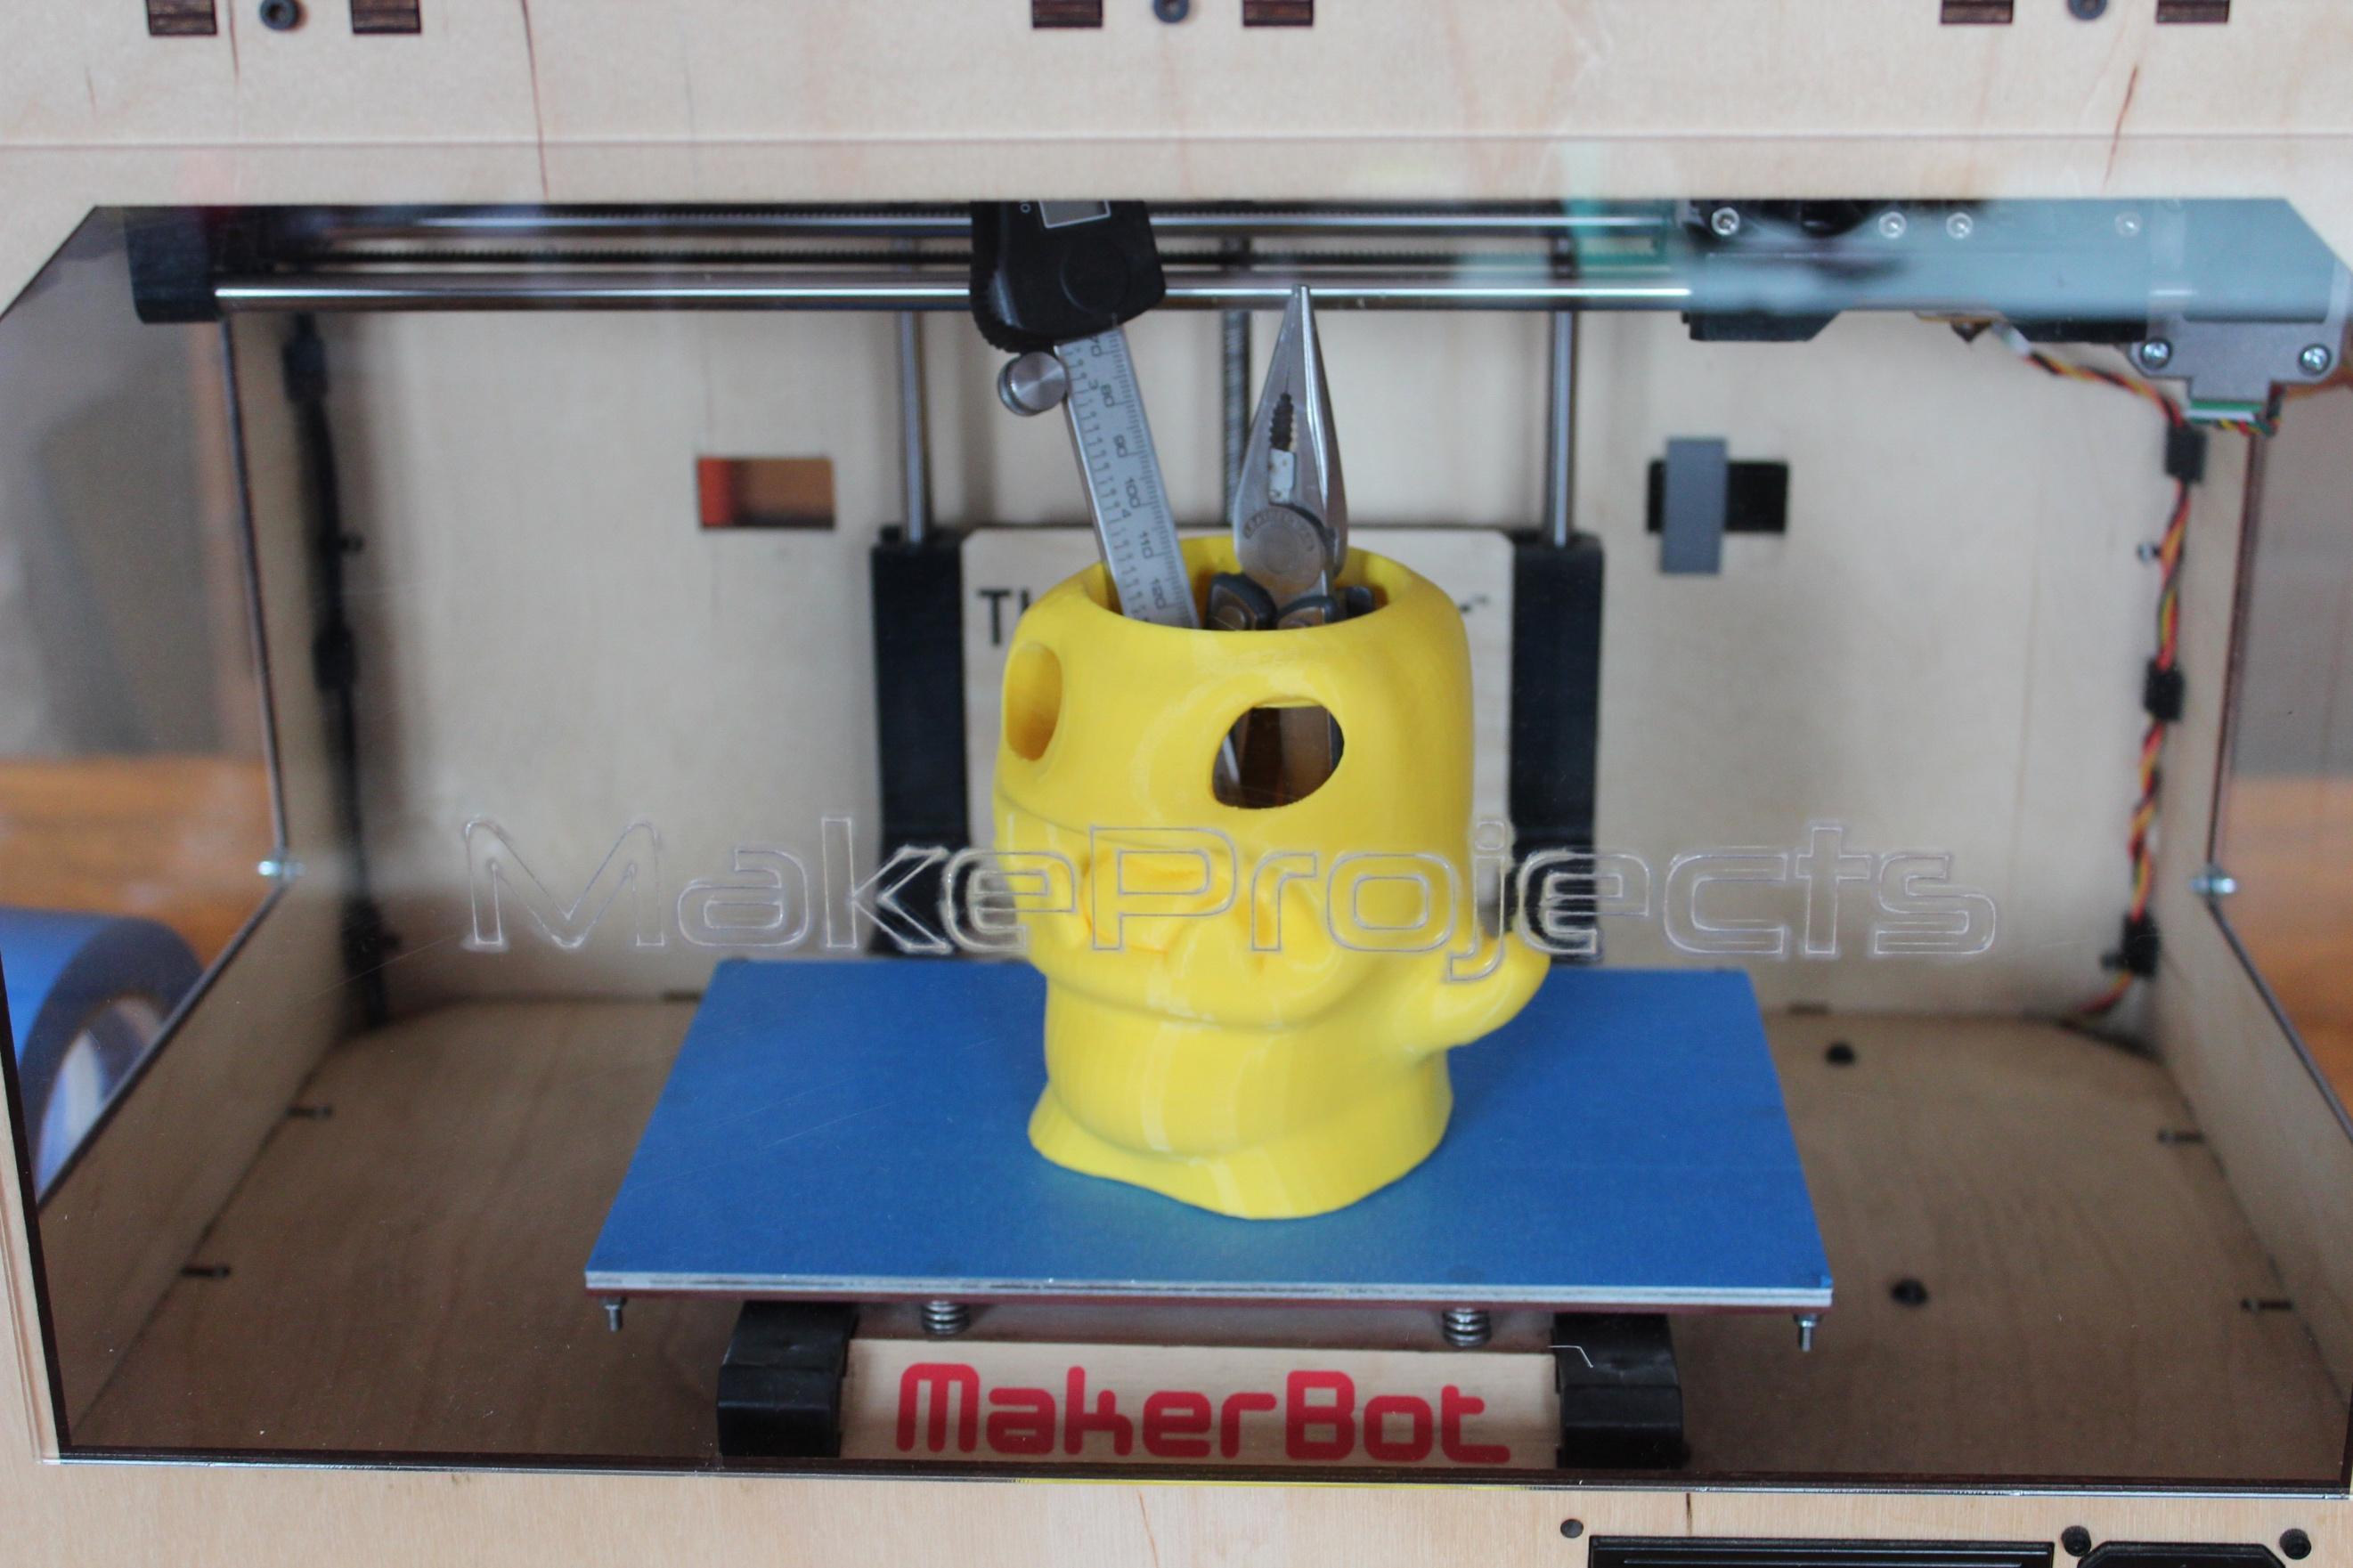 Impresíon 3D